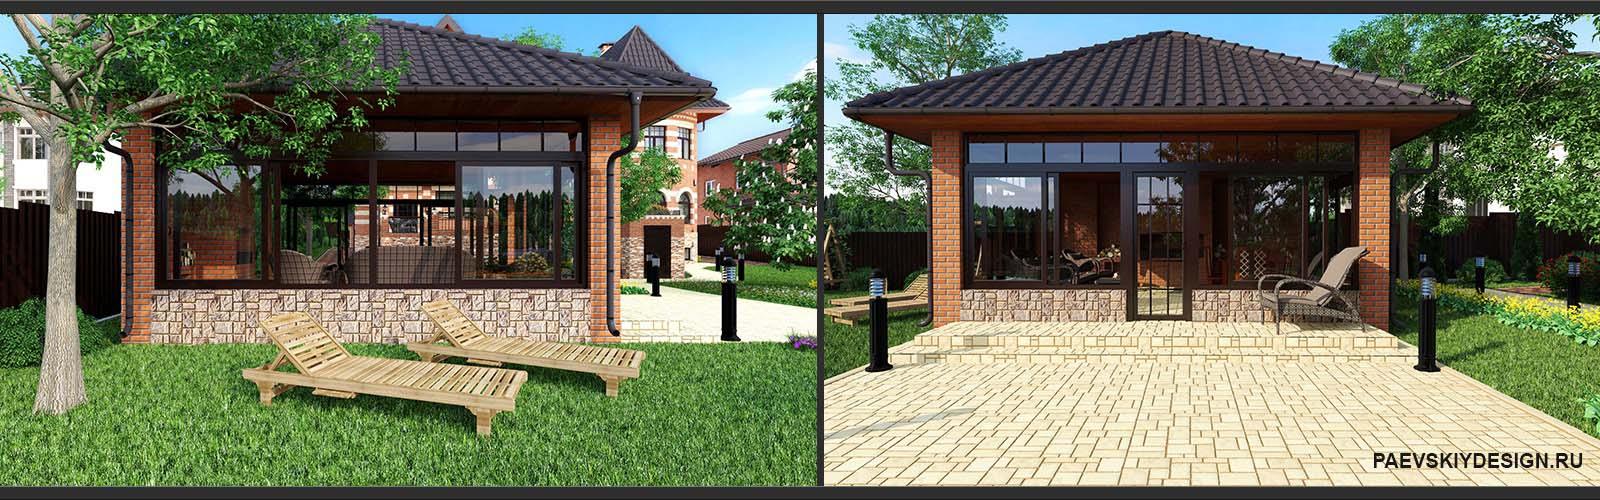 Дизайн проект беседки для загородного дома